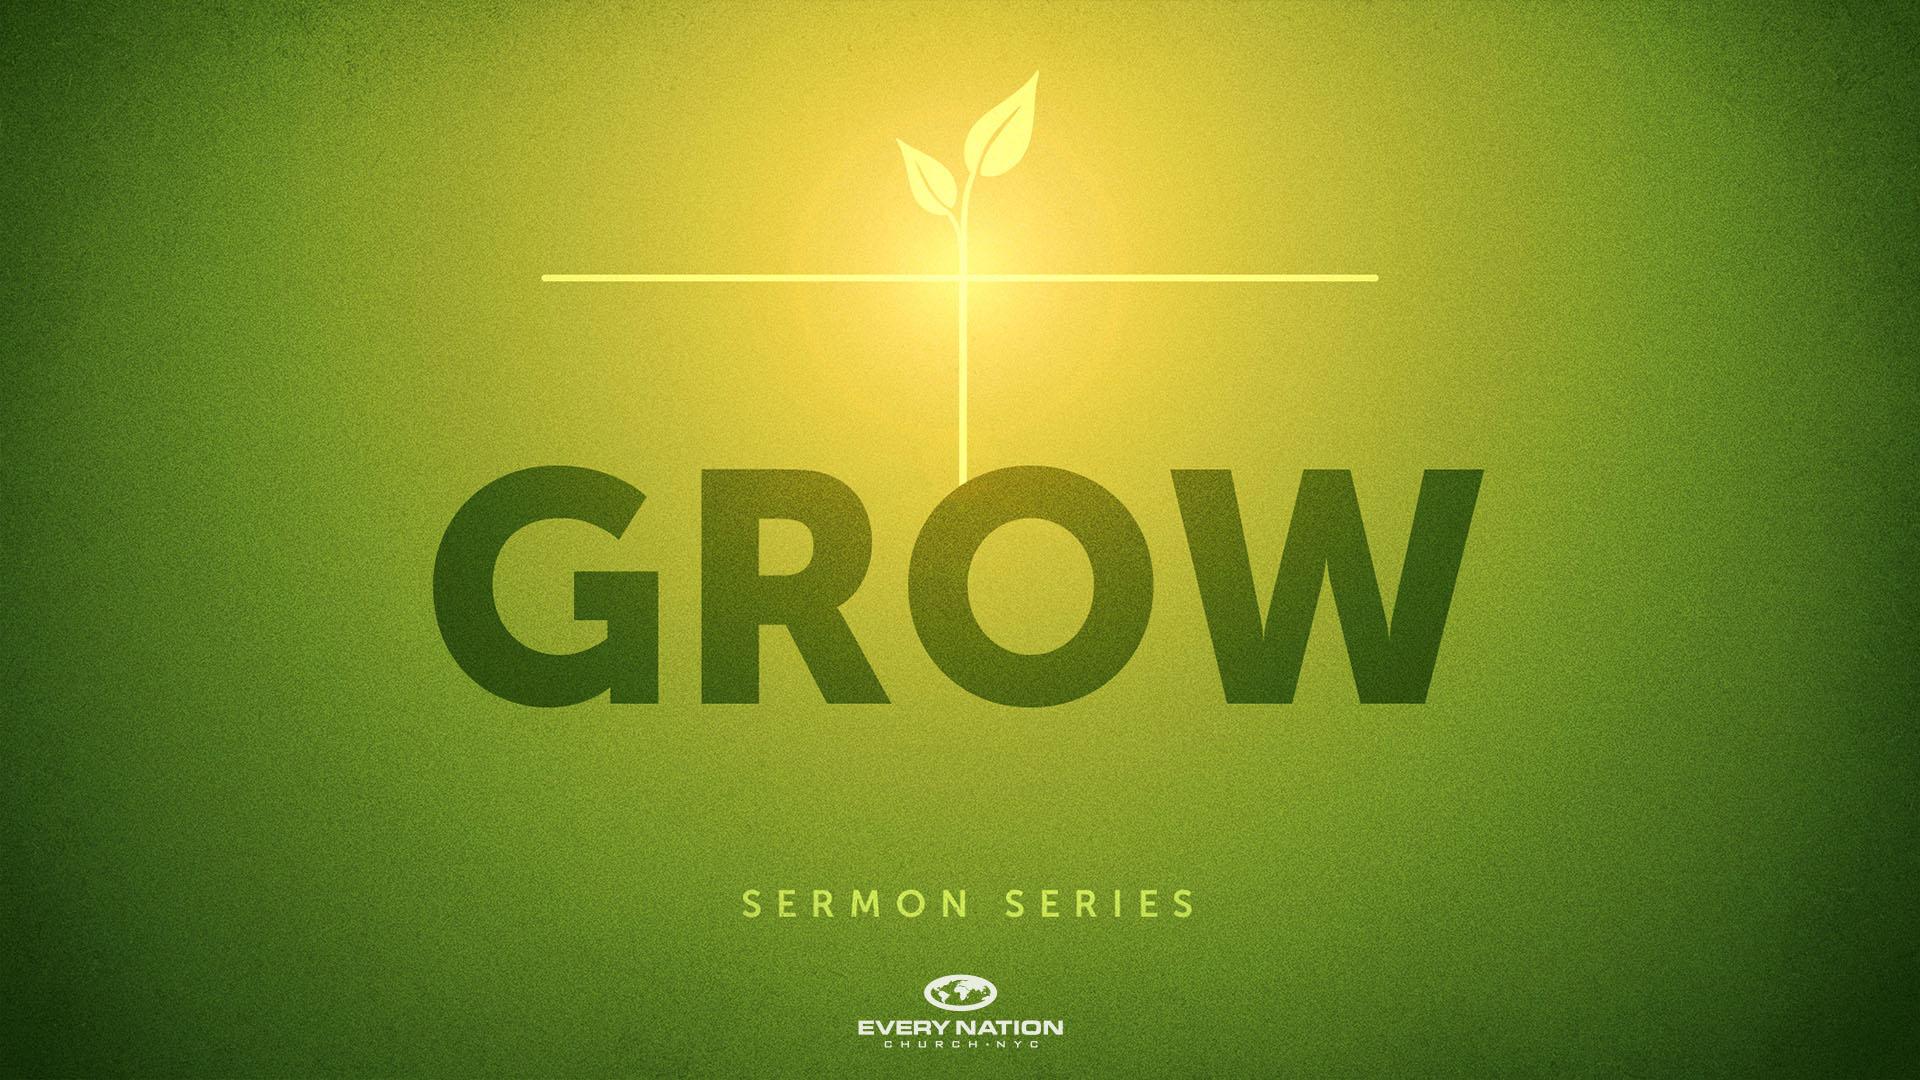 Grow Sermon Series